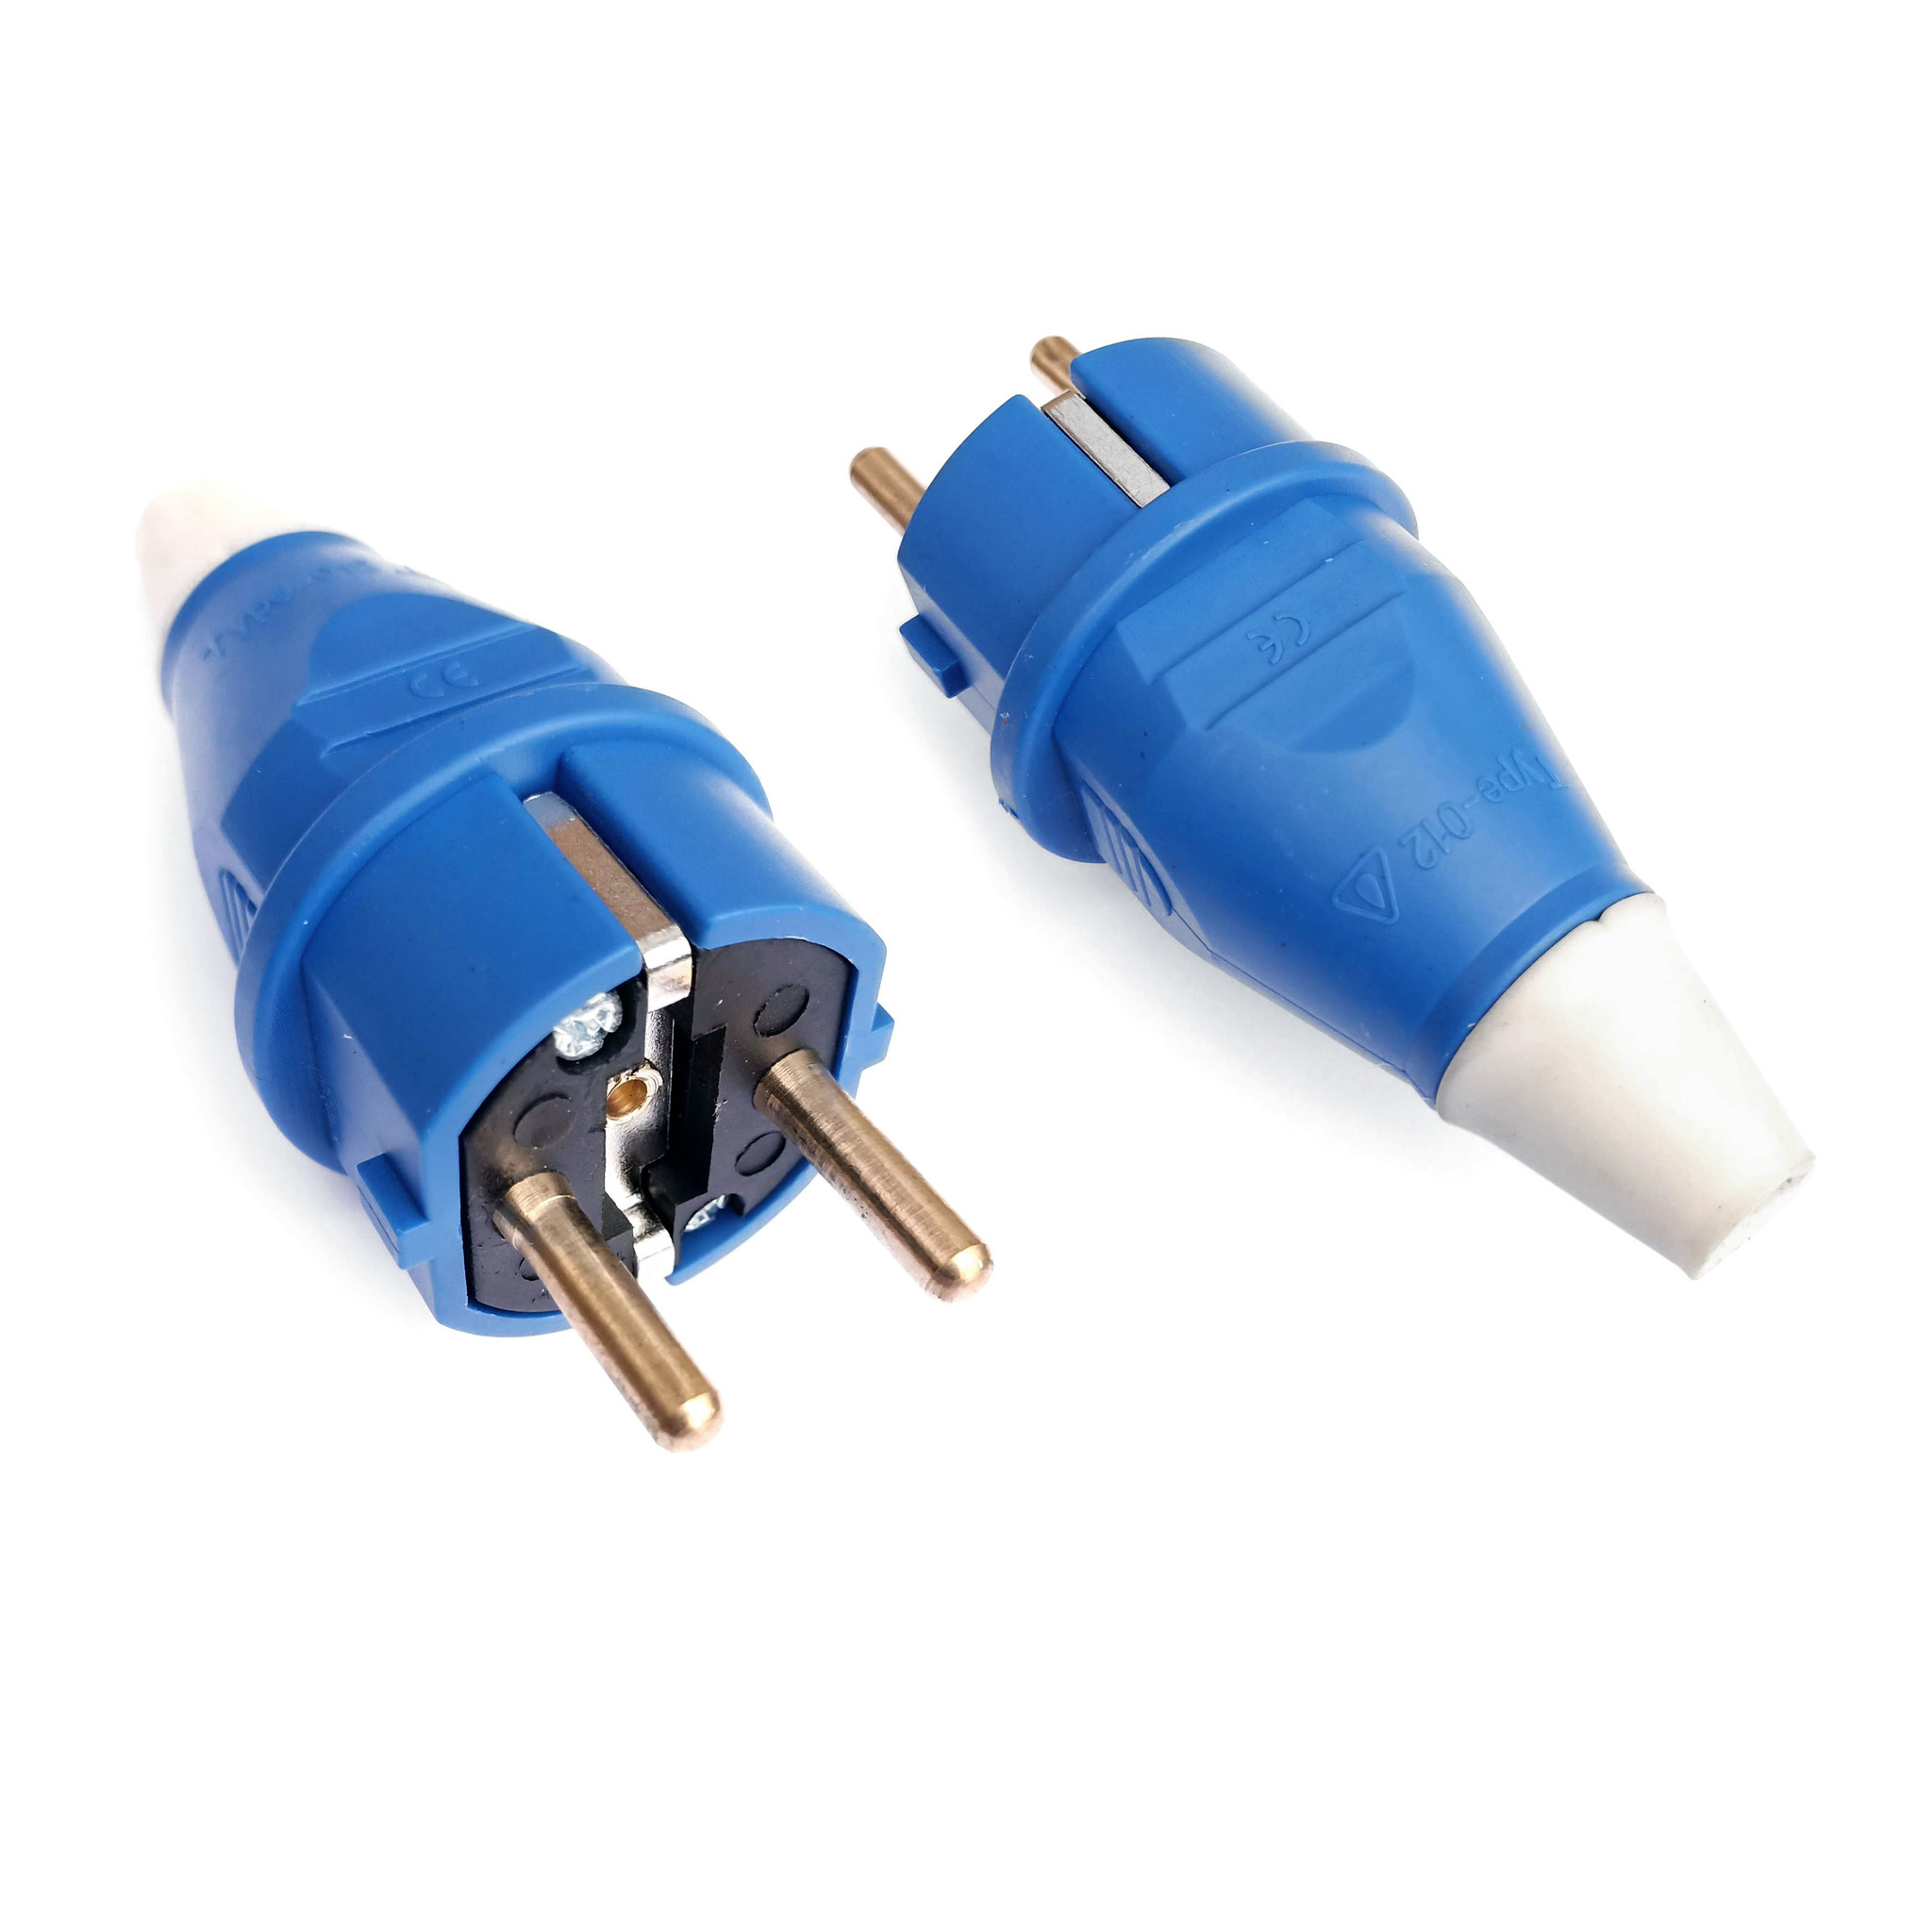 Spatwaterdichte IP54 stekker voor buitengebruik 240V 16A